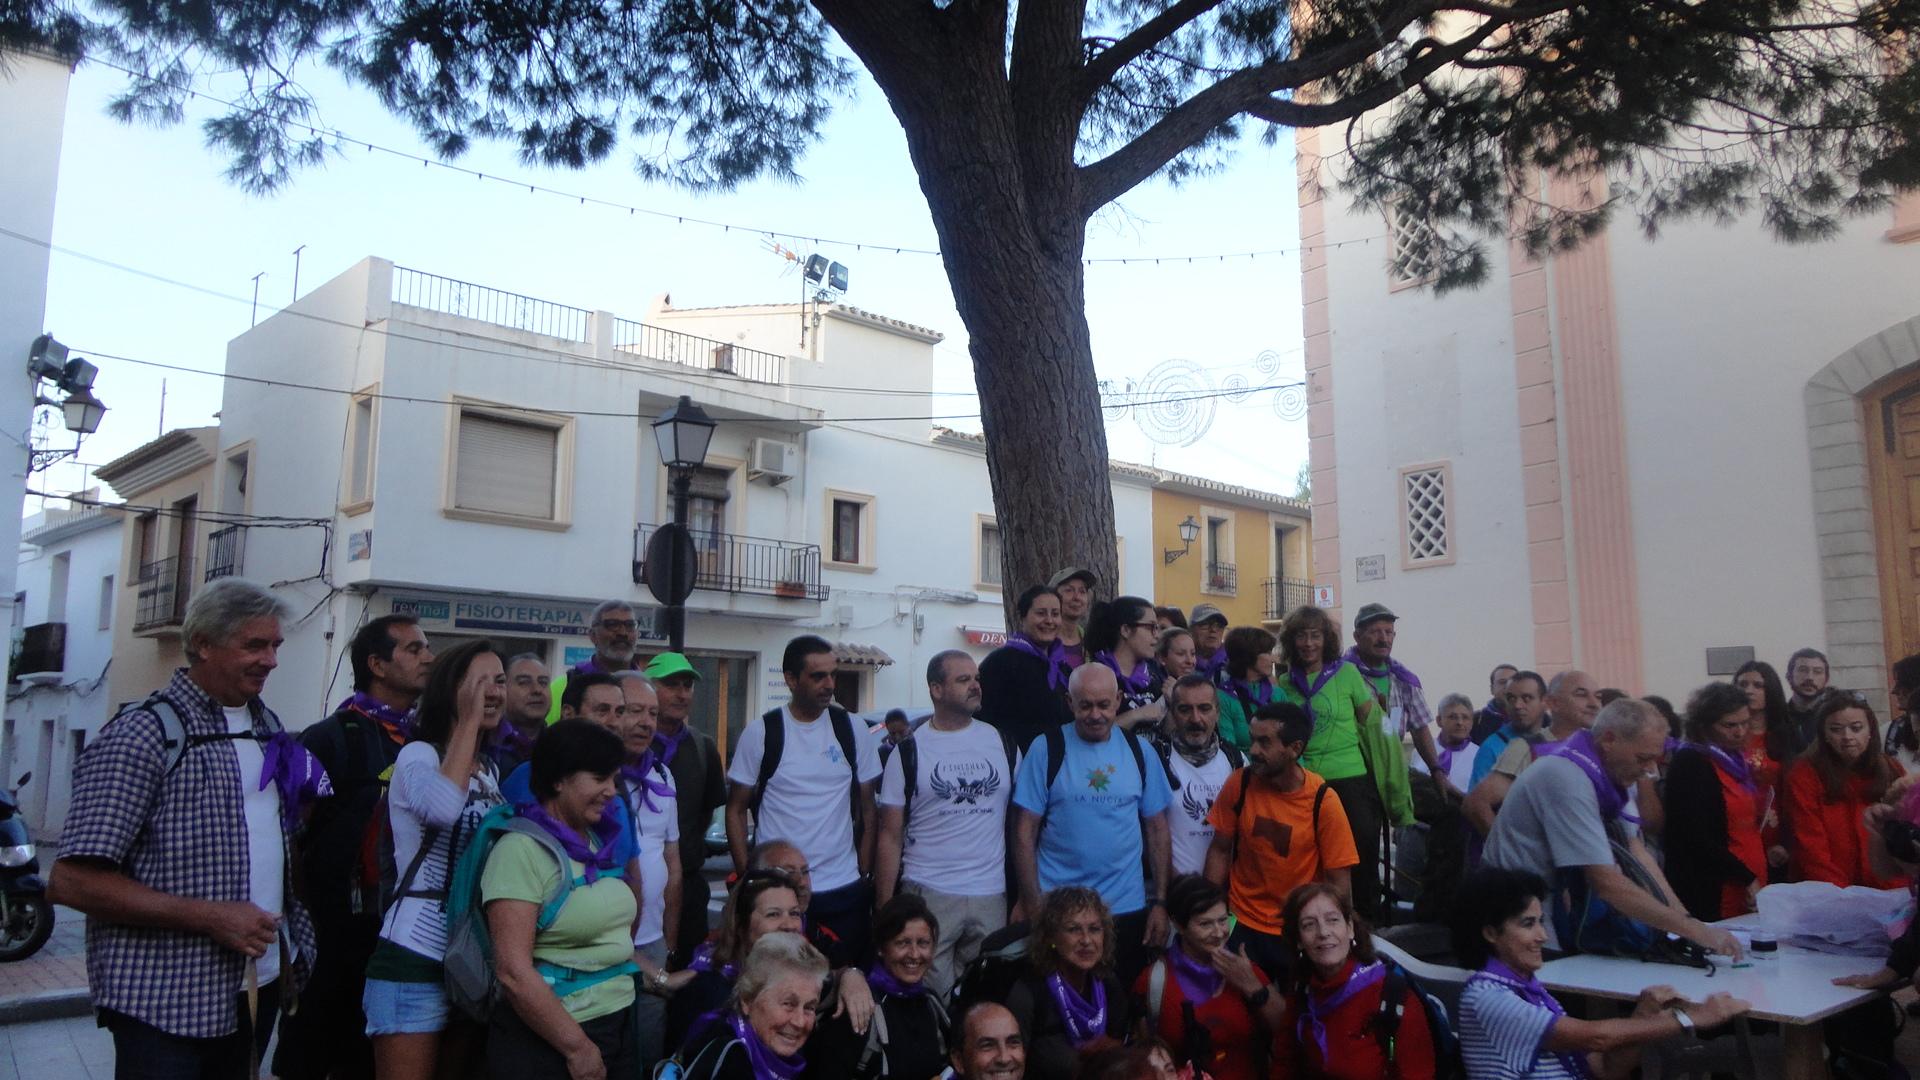 Más de 300 inscritos para el rescate del Camino de Santiago desde La Vila Joiosa